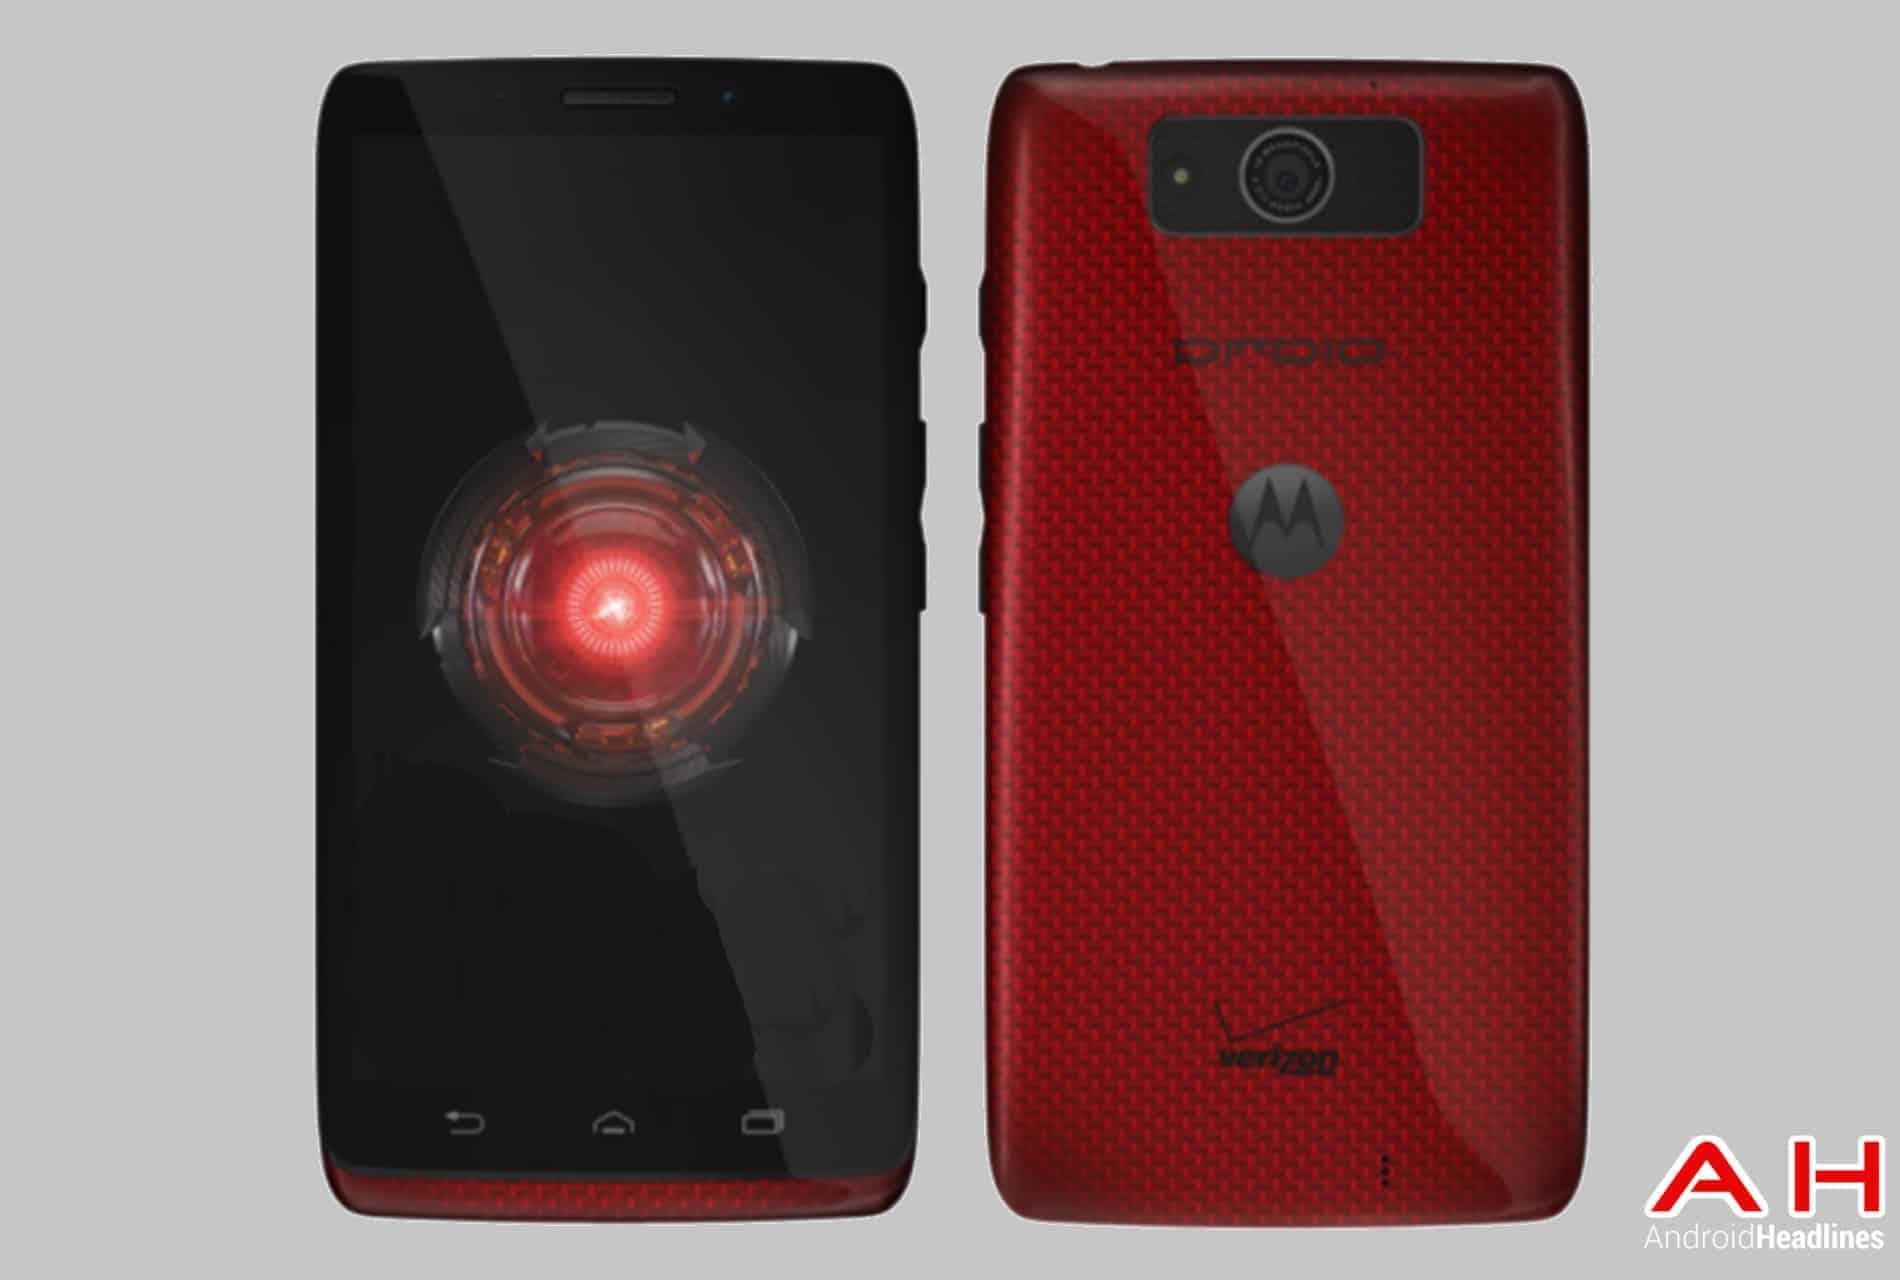 Motorola Droid Ultra F&B Red AH